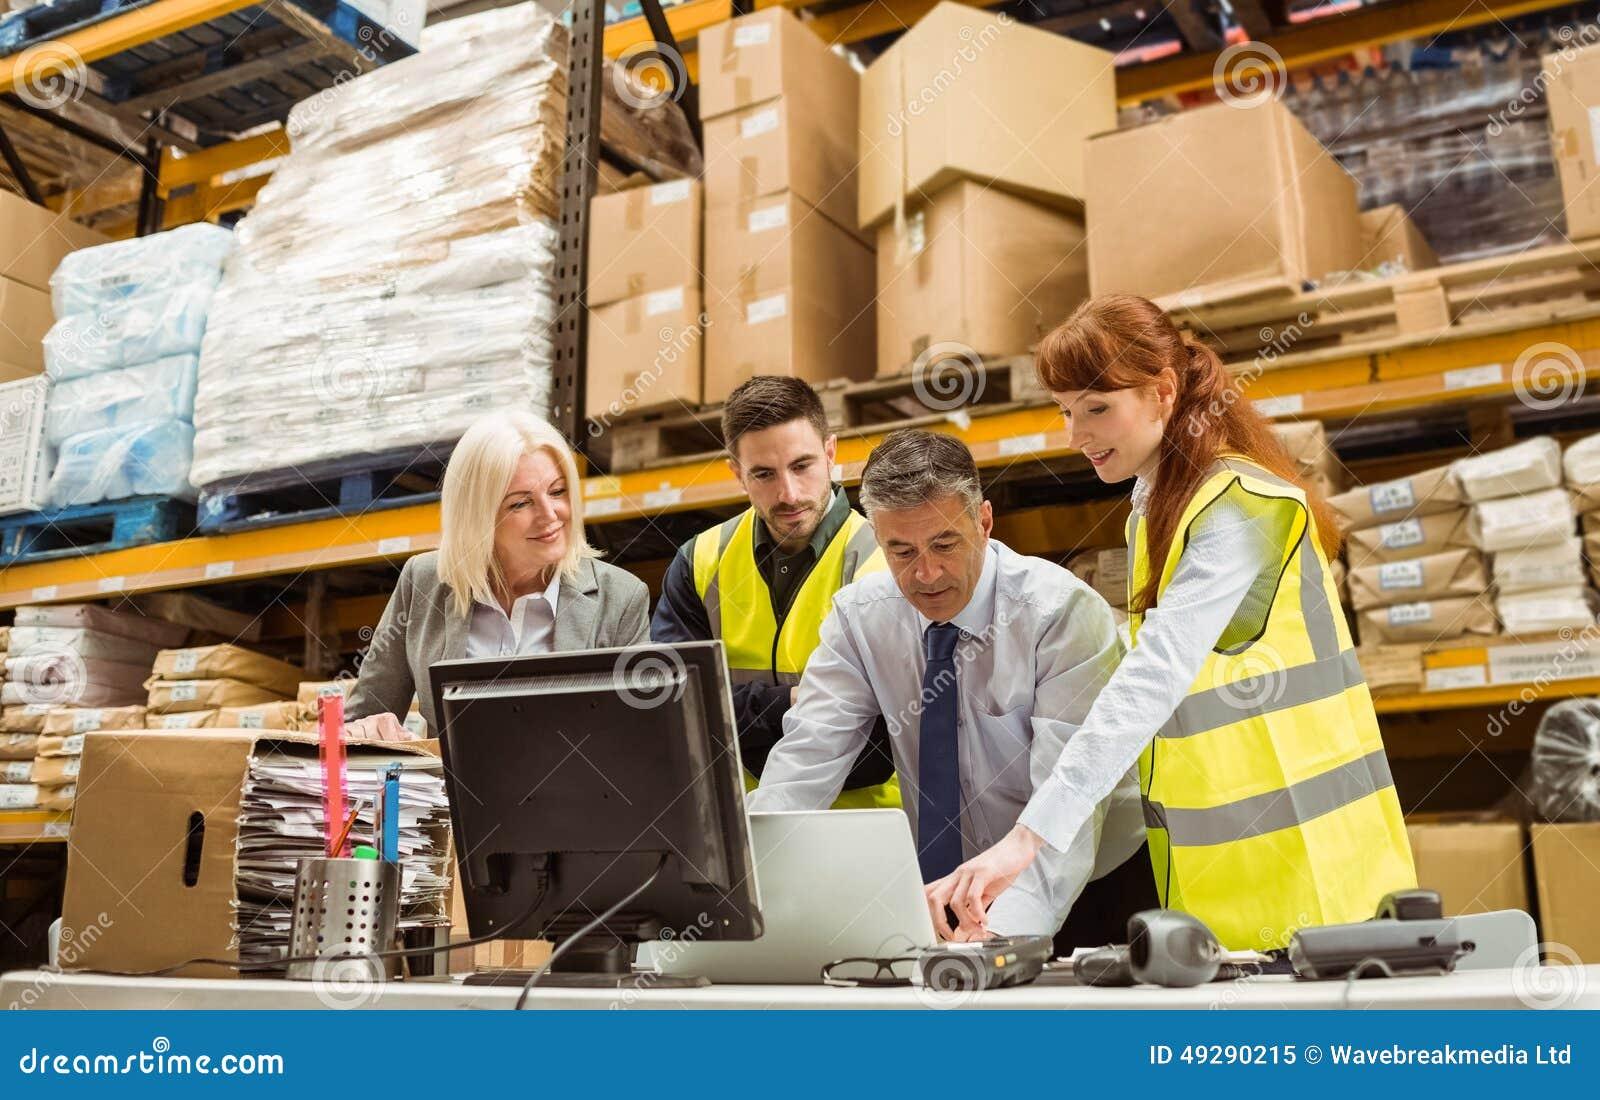 Lagermanager und -arbeitskraft, die an Laptop arbeiten